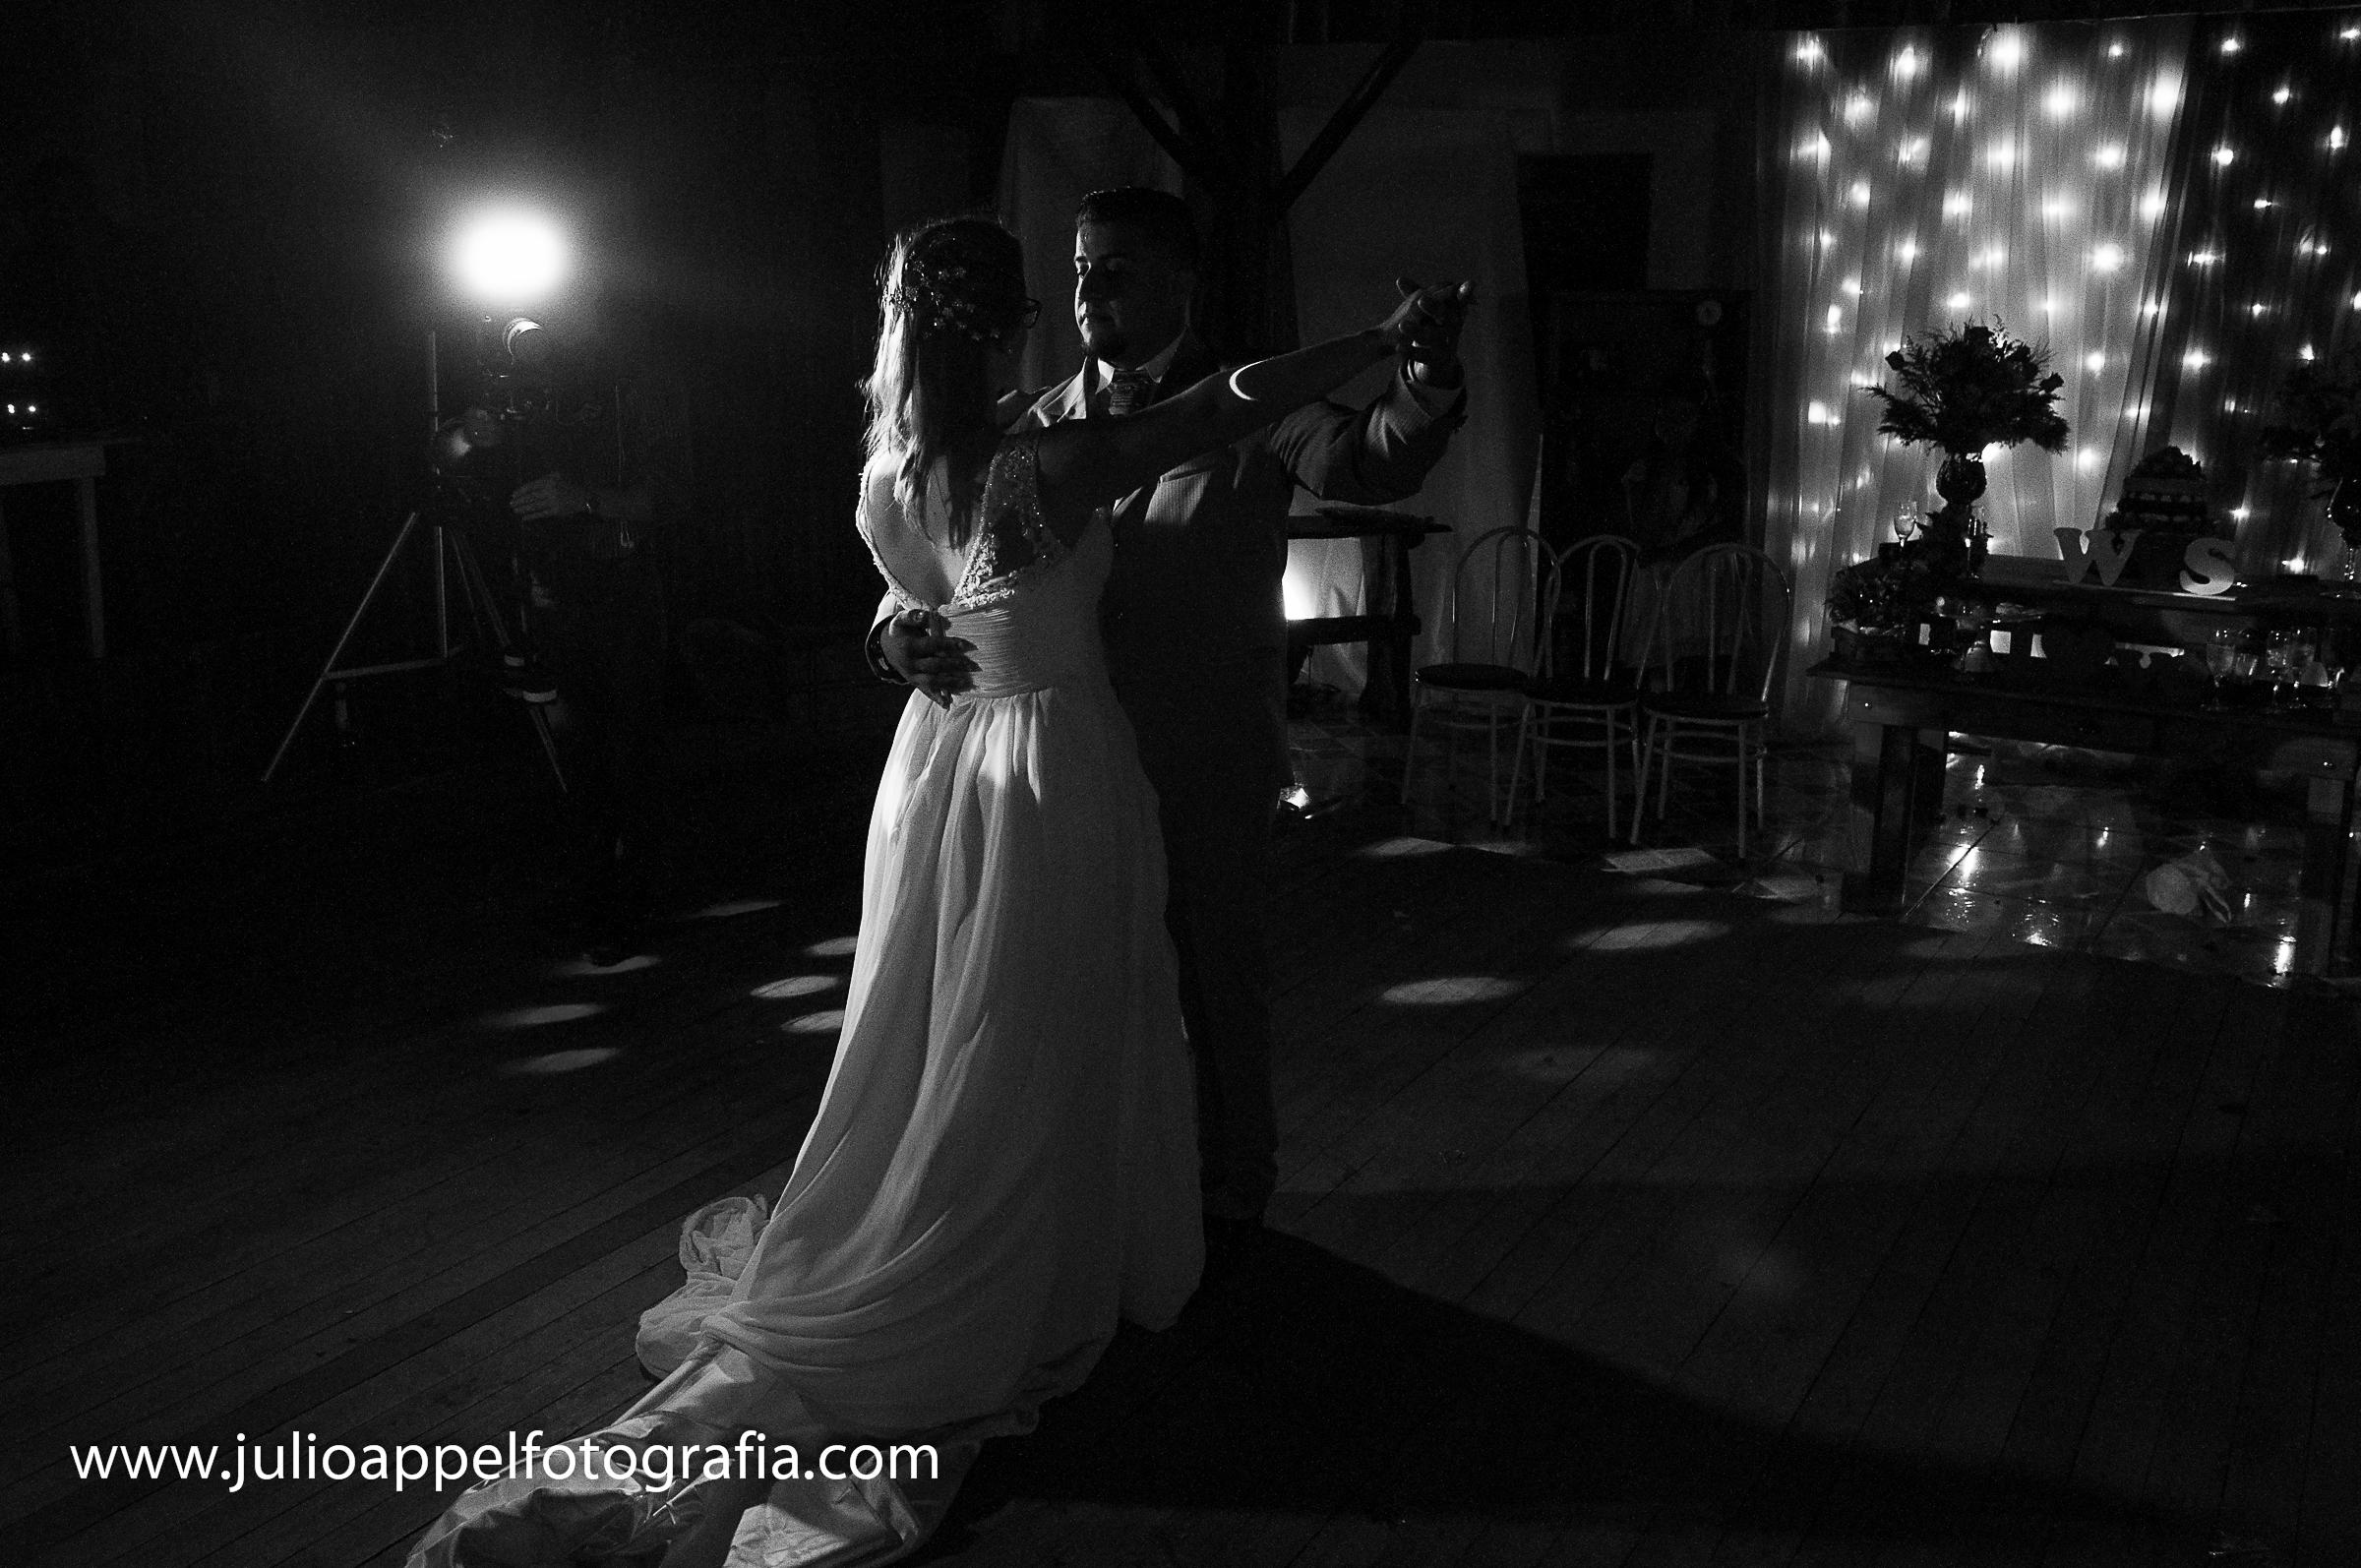 www.julioappelfotografia-41